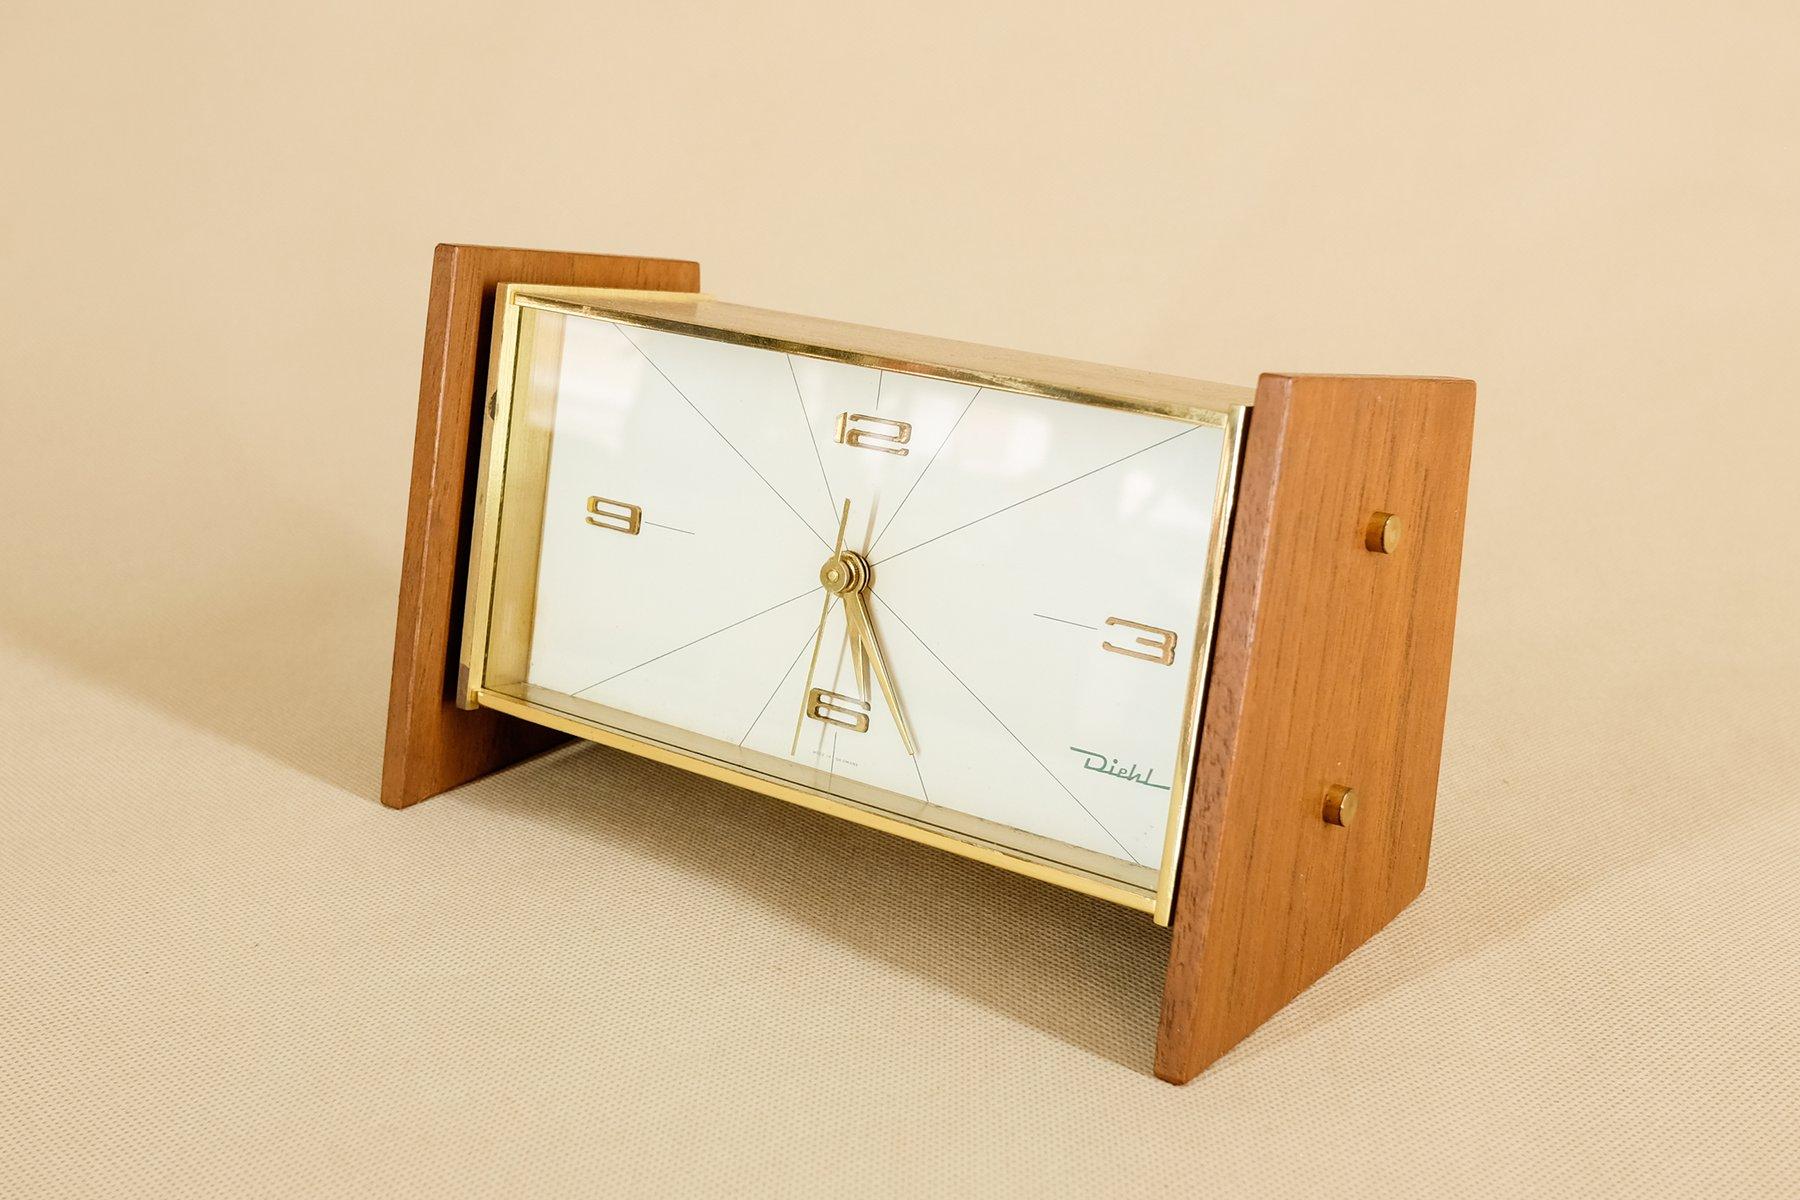 Orologio da tavolo stile boulle francia inizi xx secolo con cassa